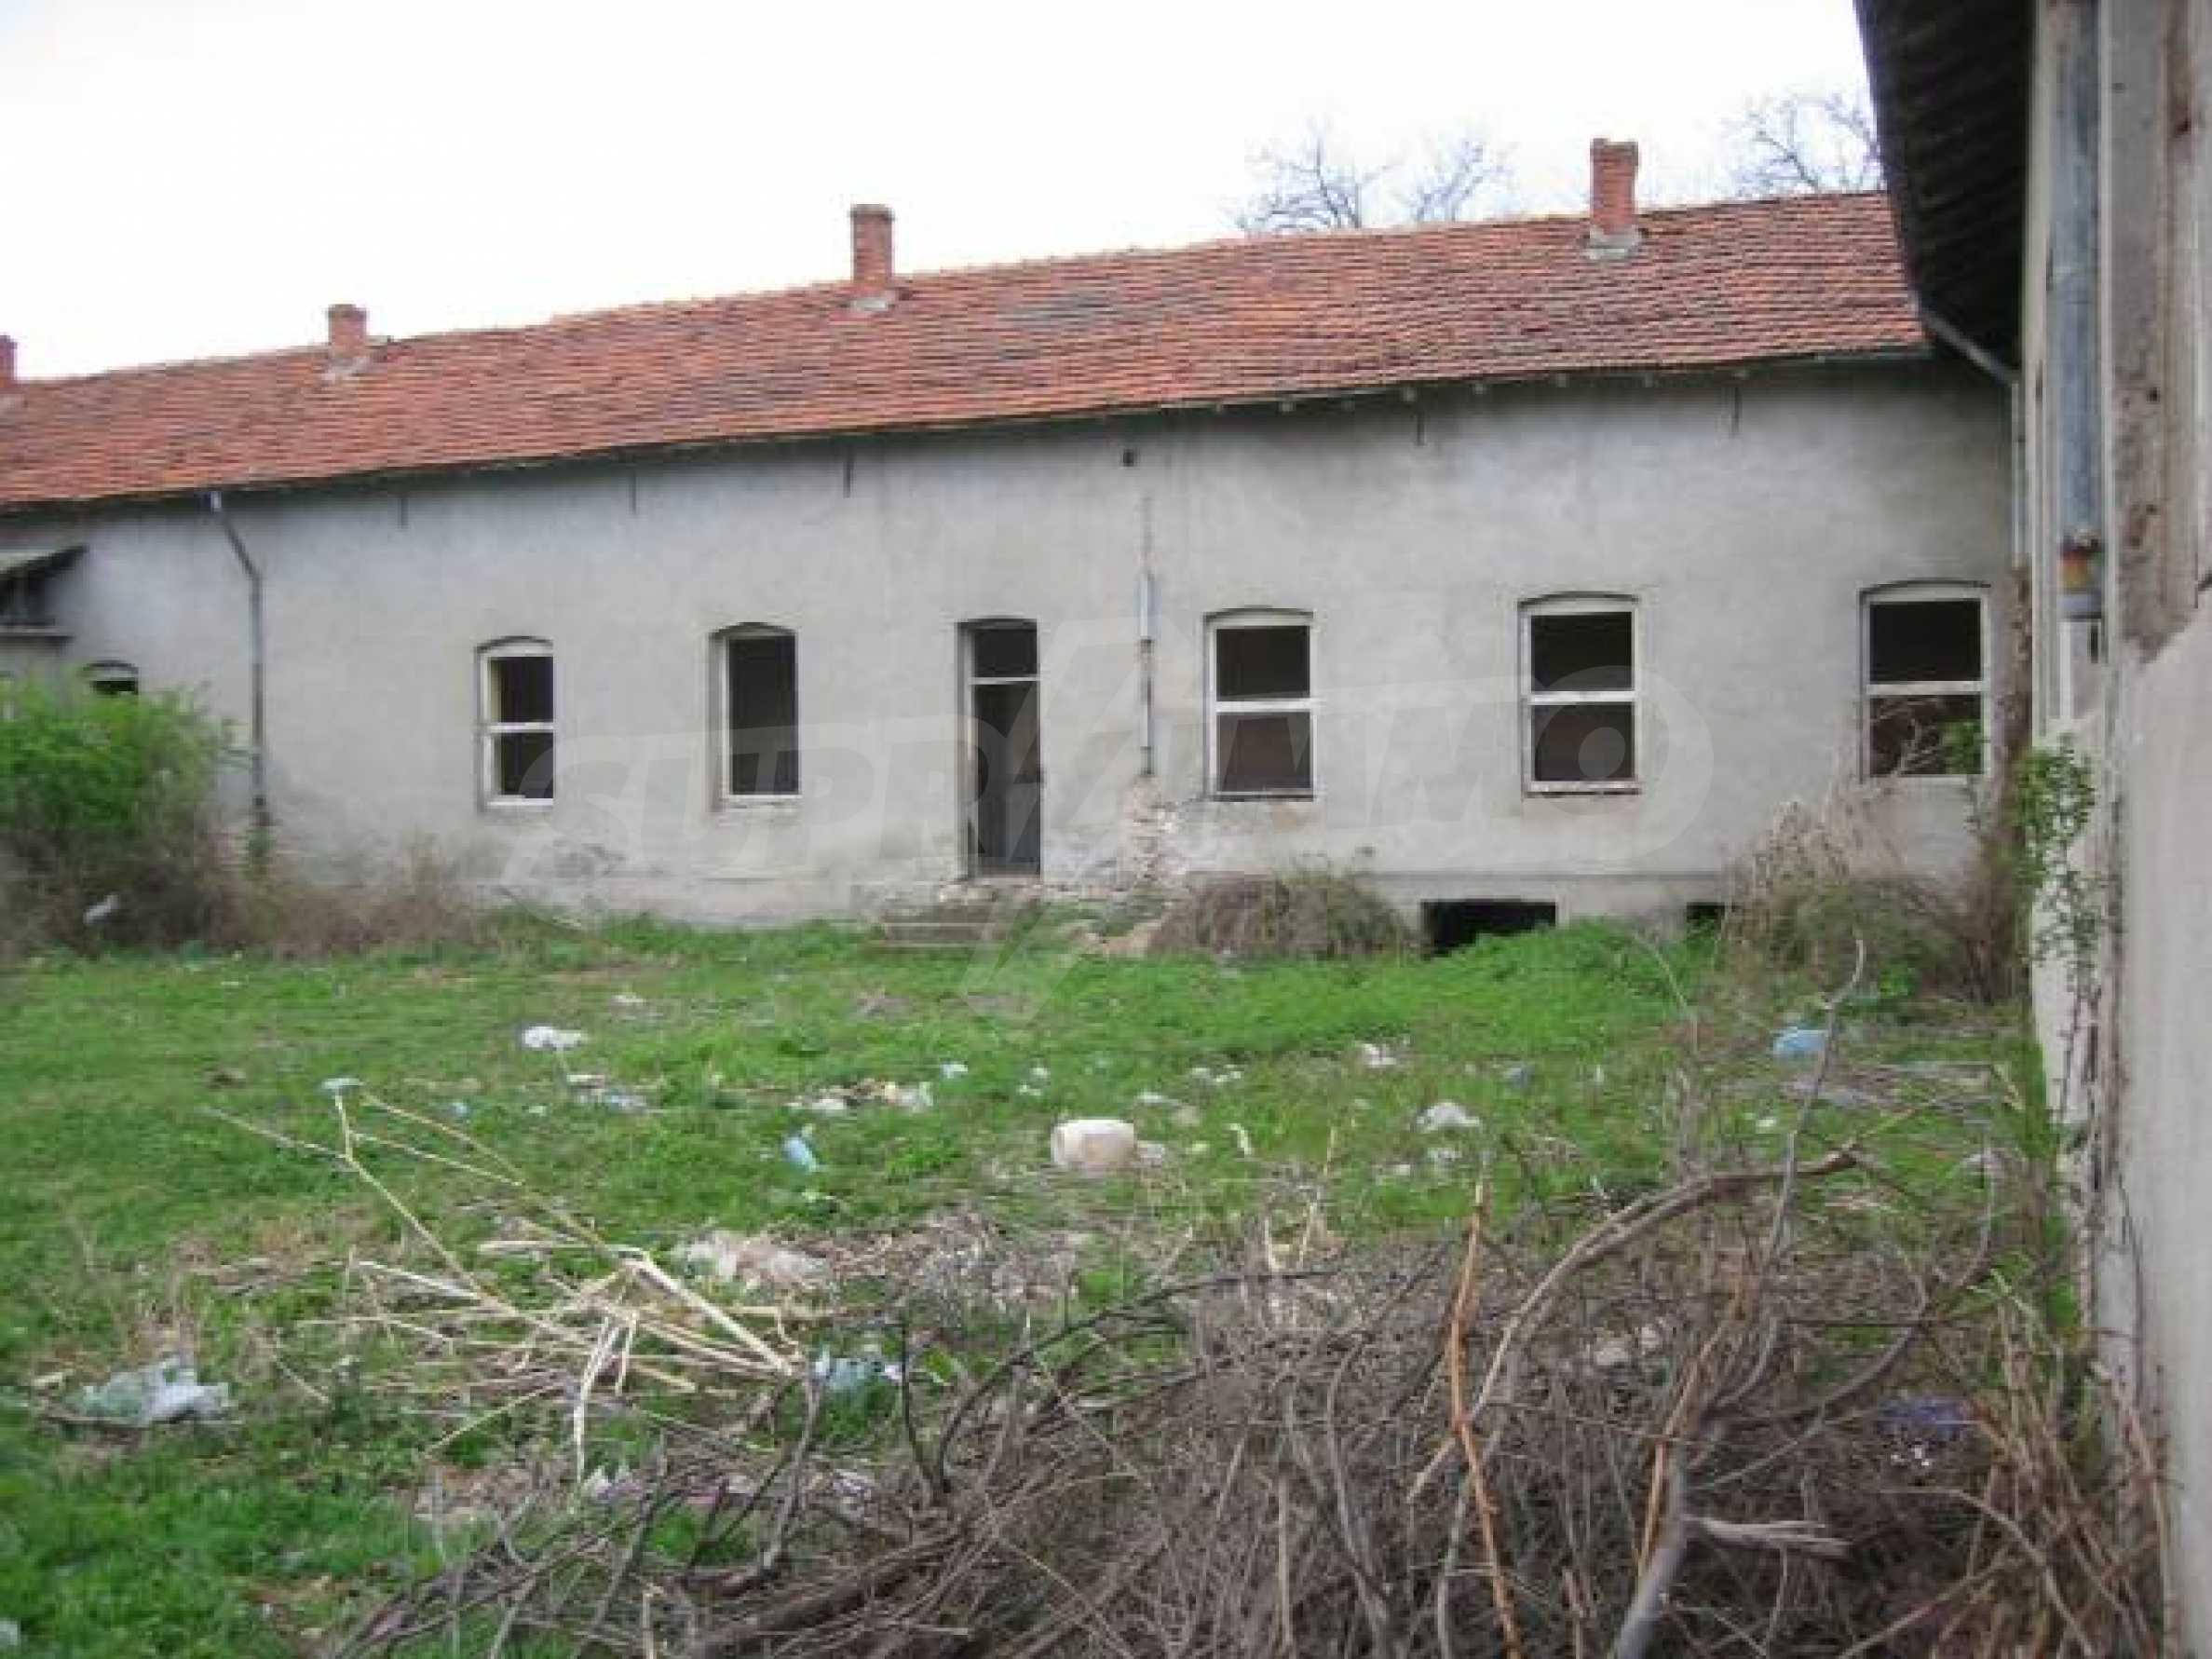 Другой тип недвижимости вблизи г. Хасково 6